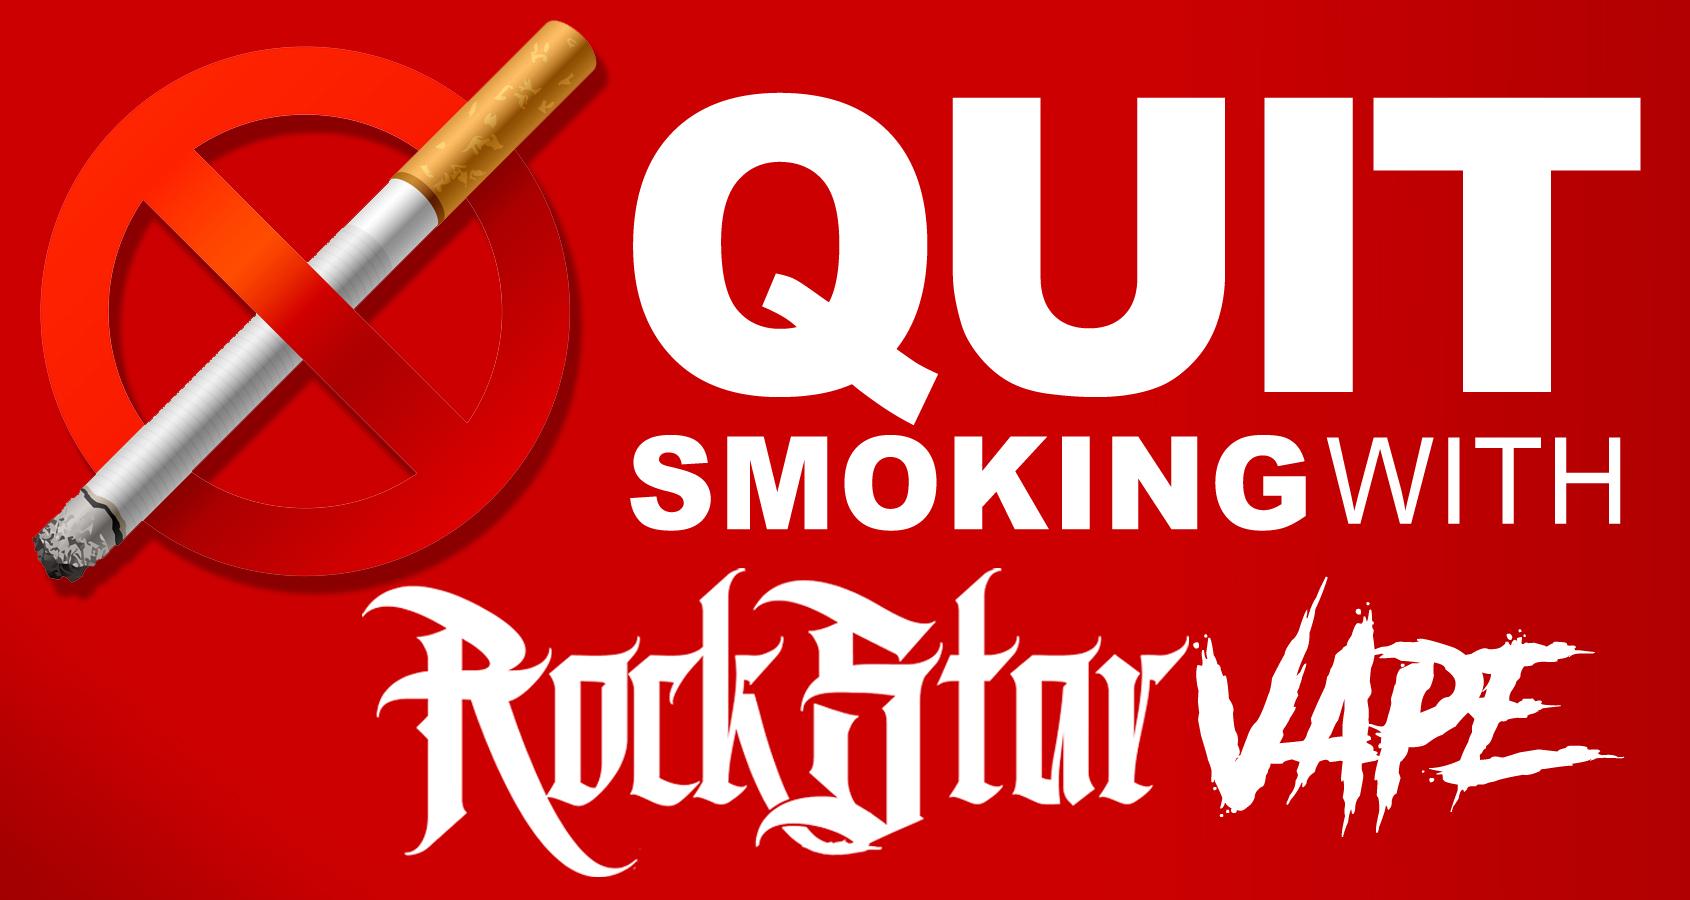 Stop Smoking With Rockstar Vape